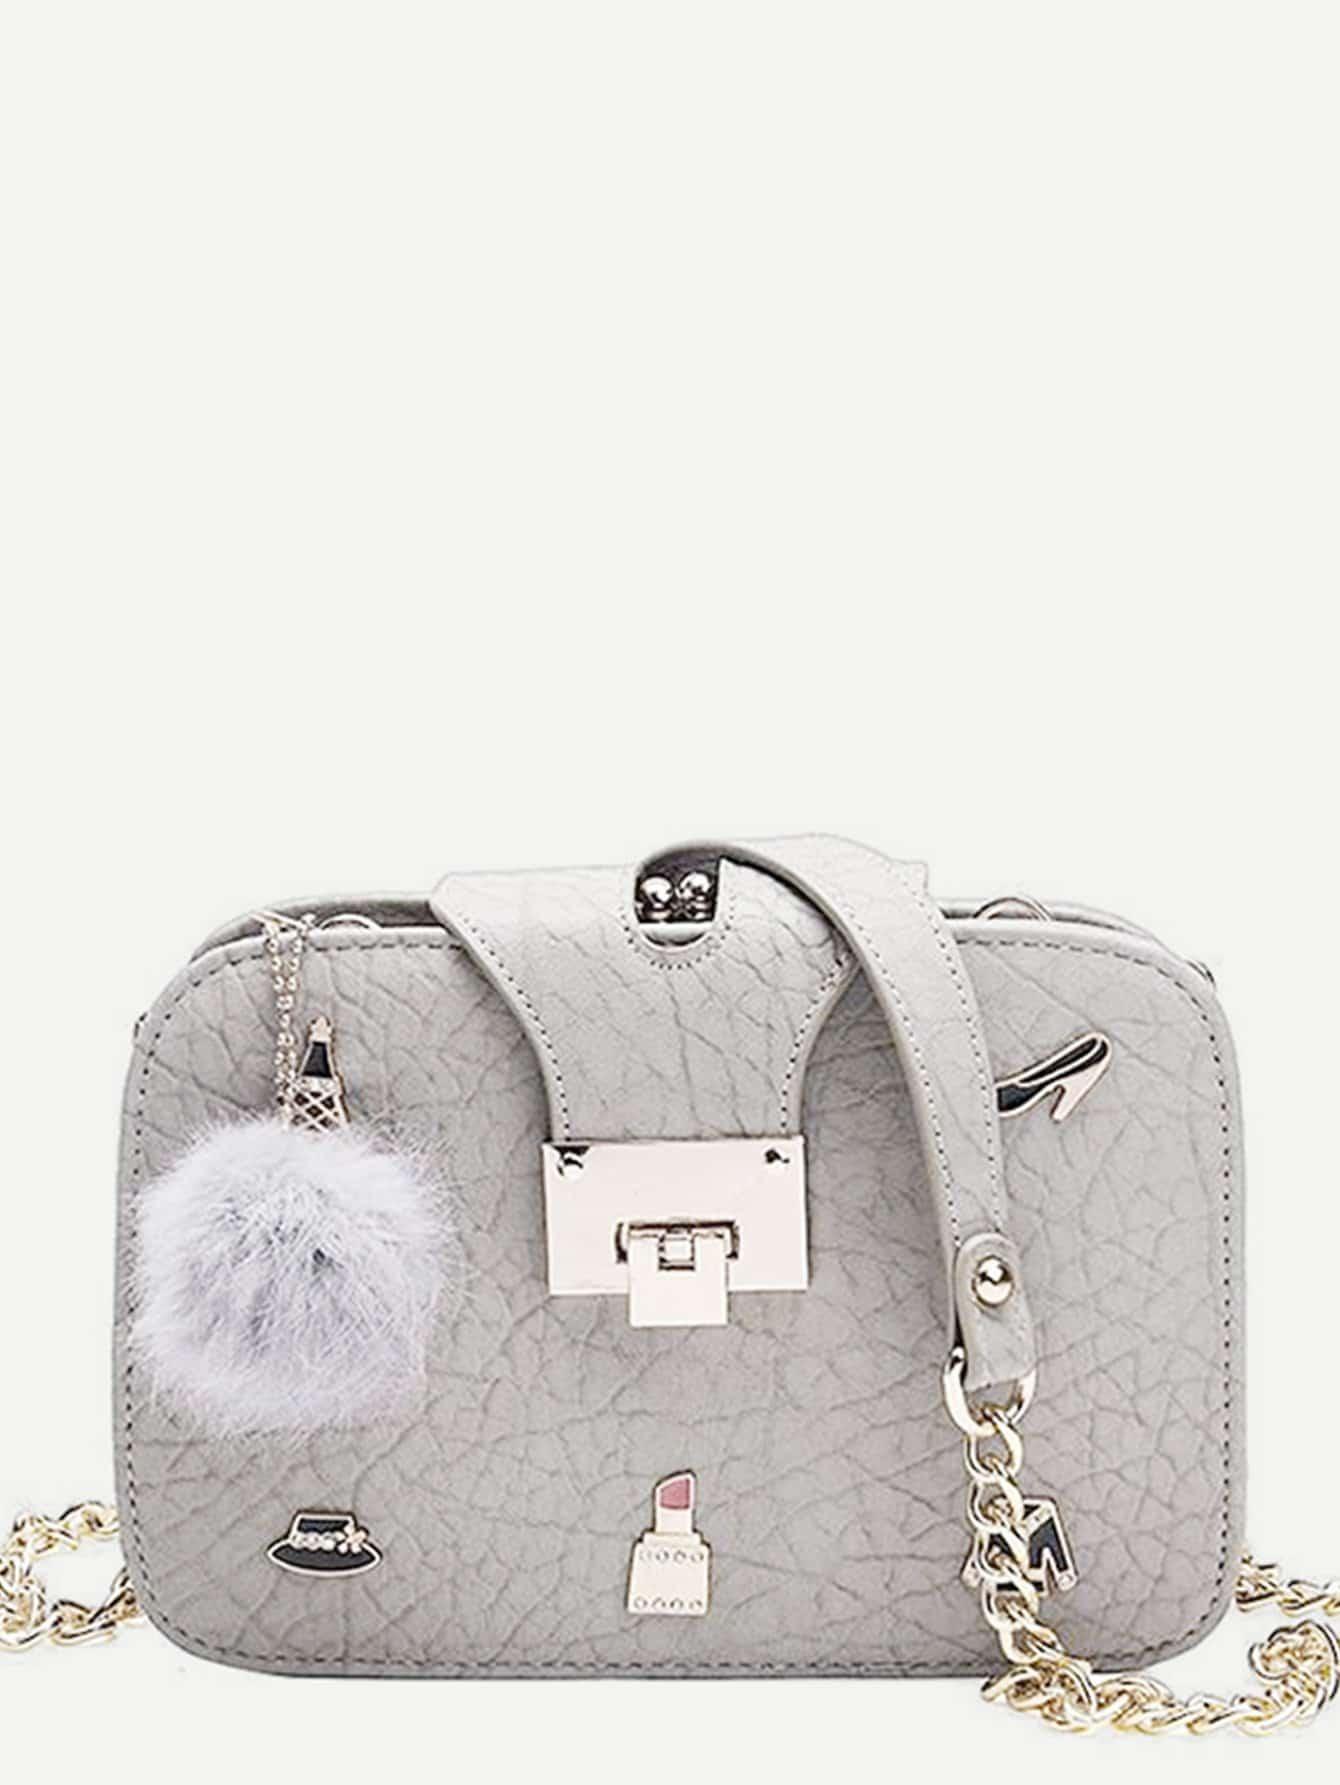 Pom Pom Decor Chain Bag cameo brown pu pom pom trim convertible handbag with chain bag